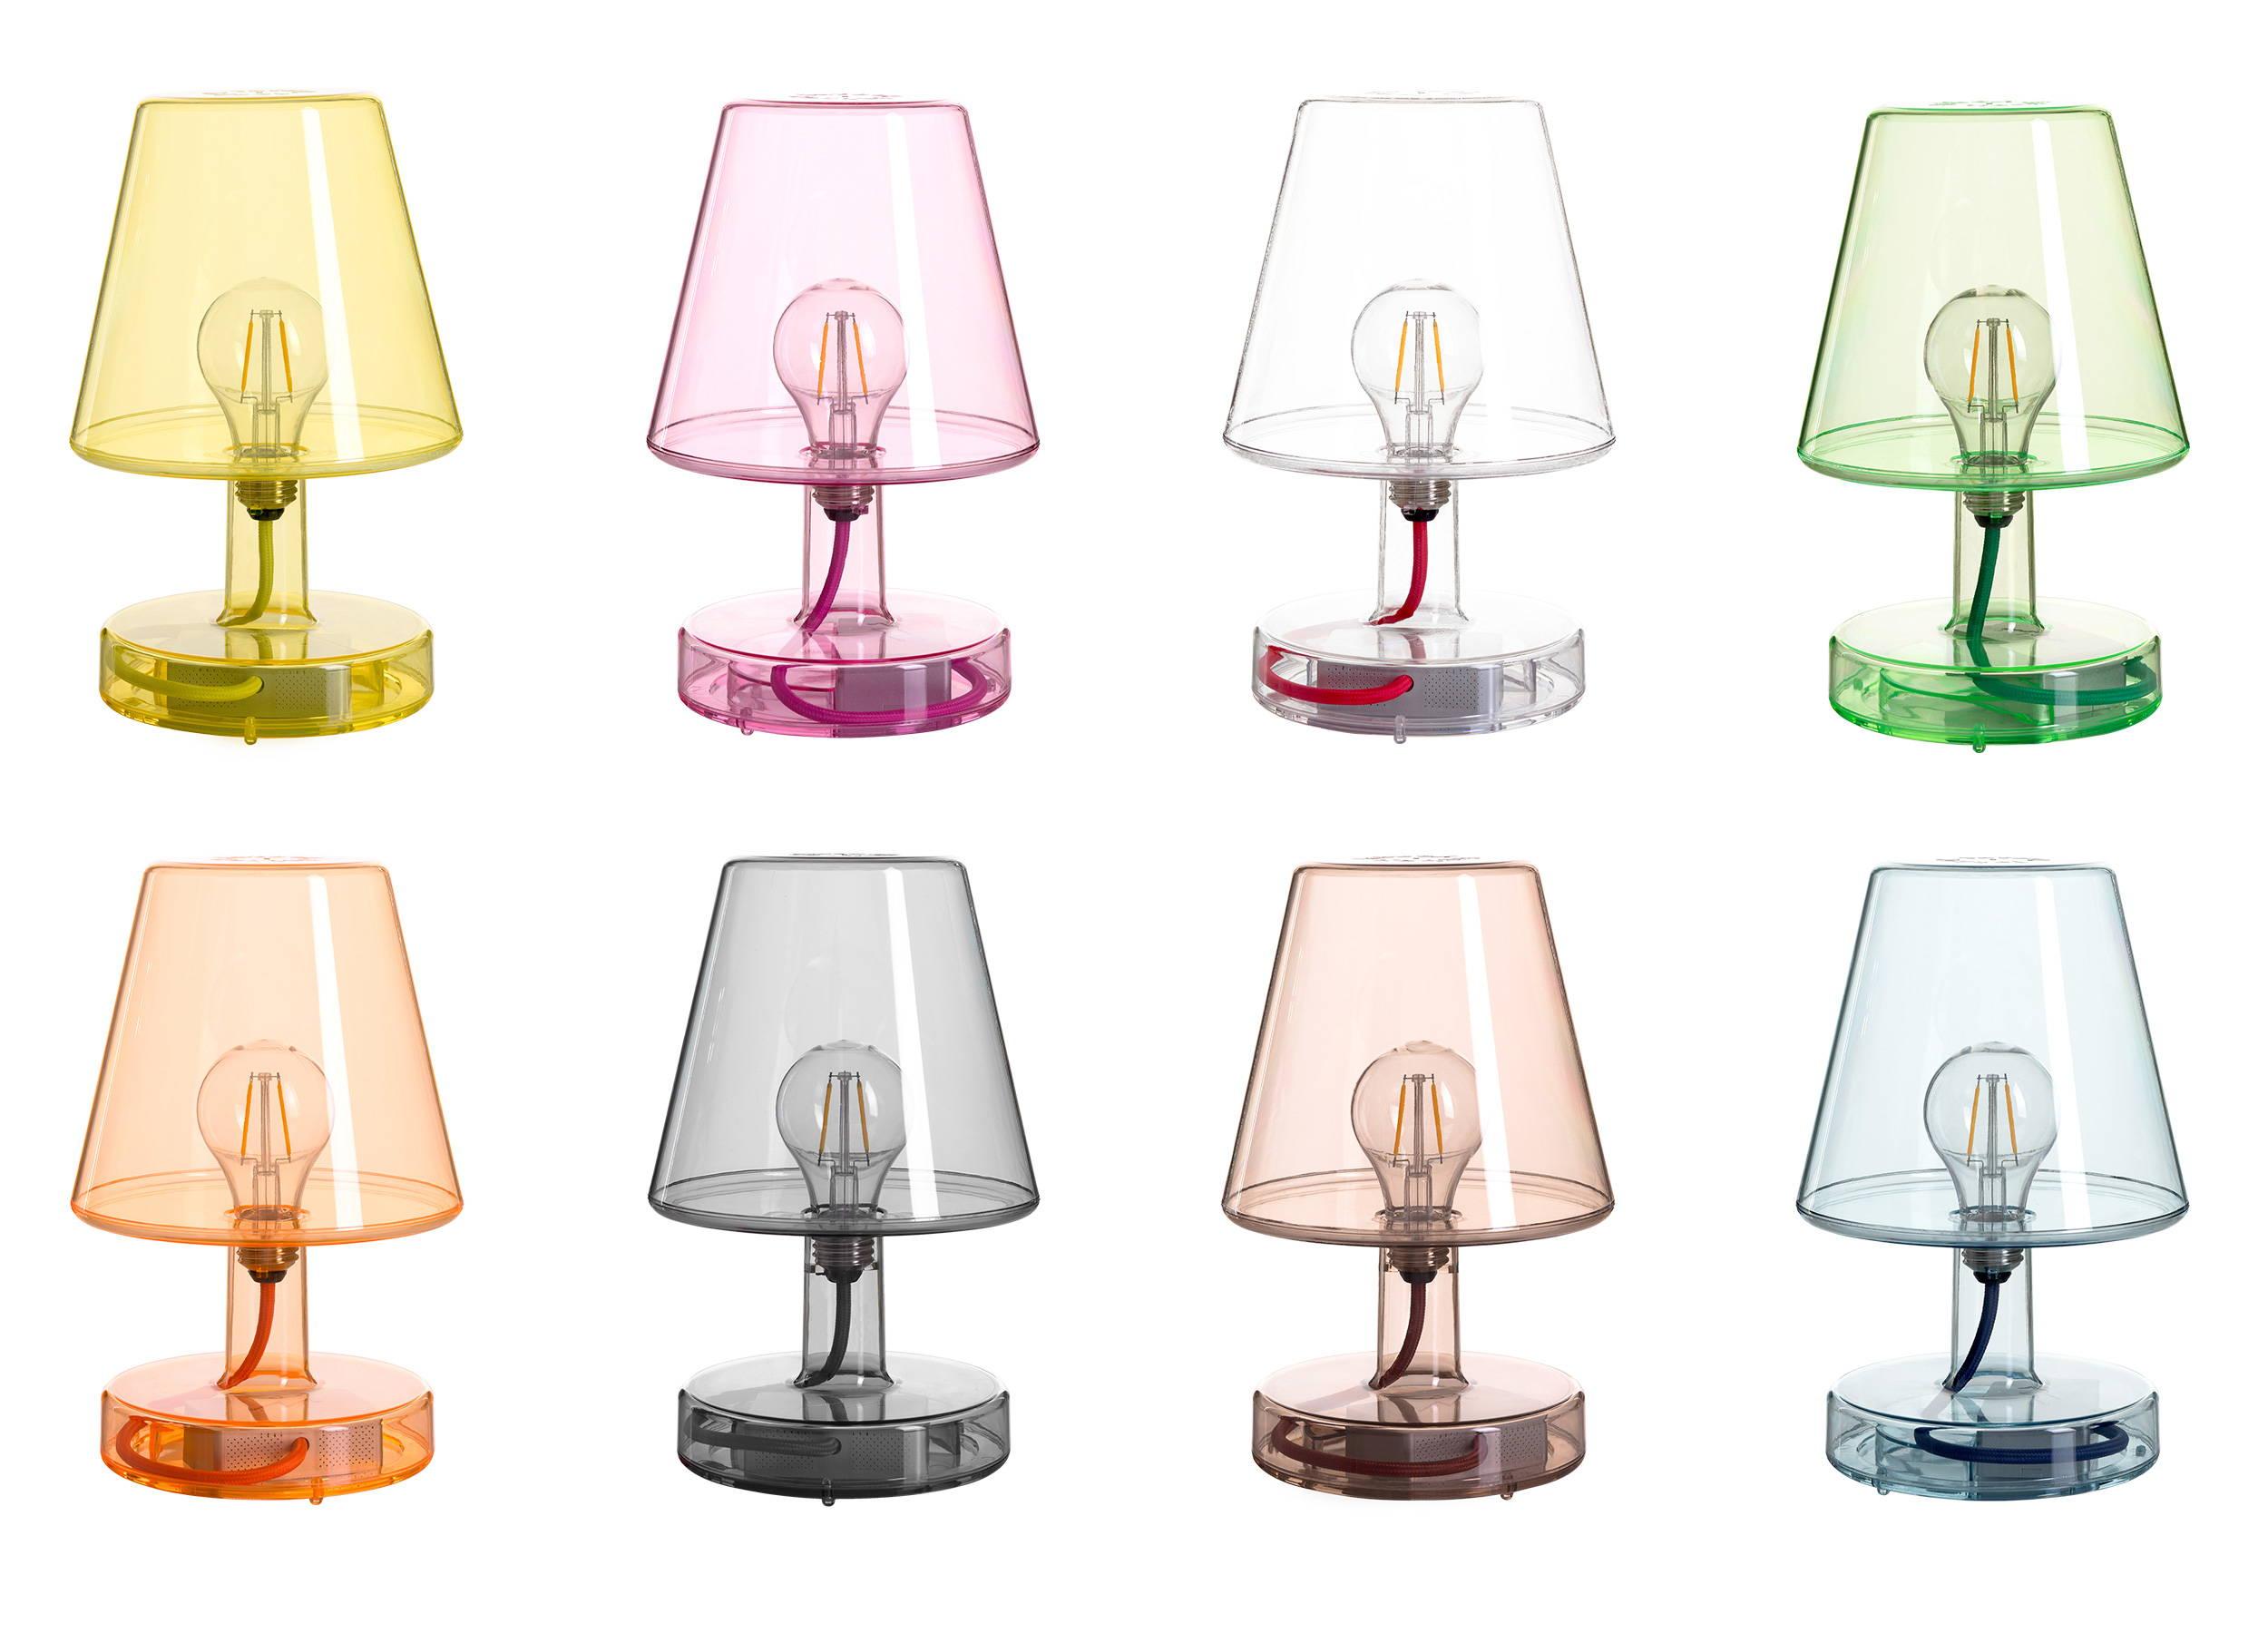 Colourful LED table lamp